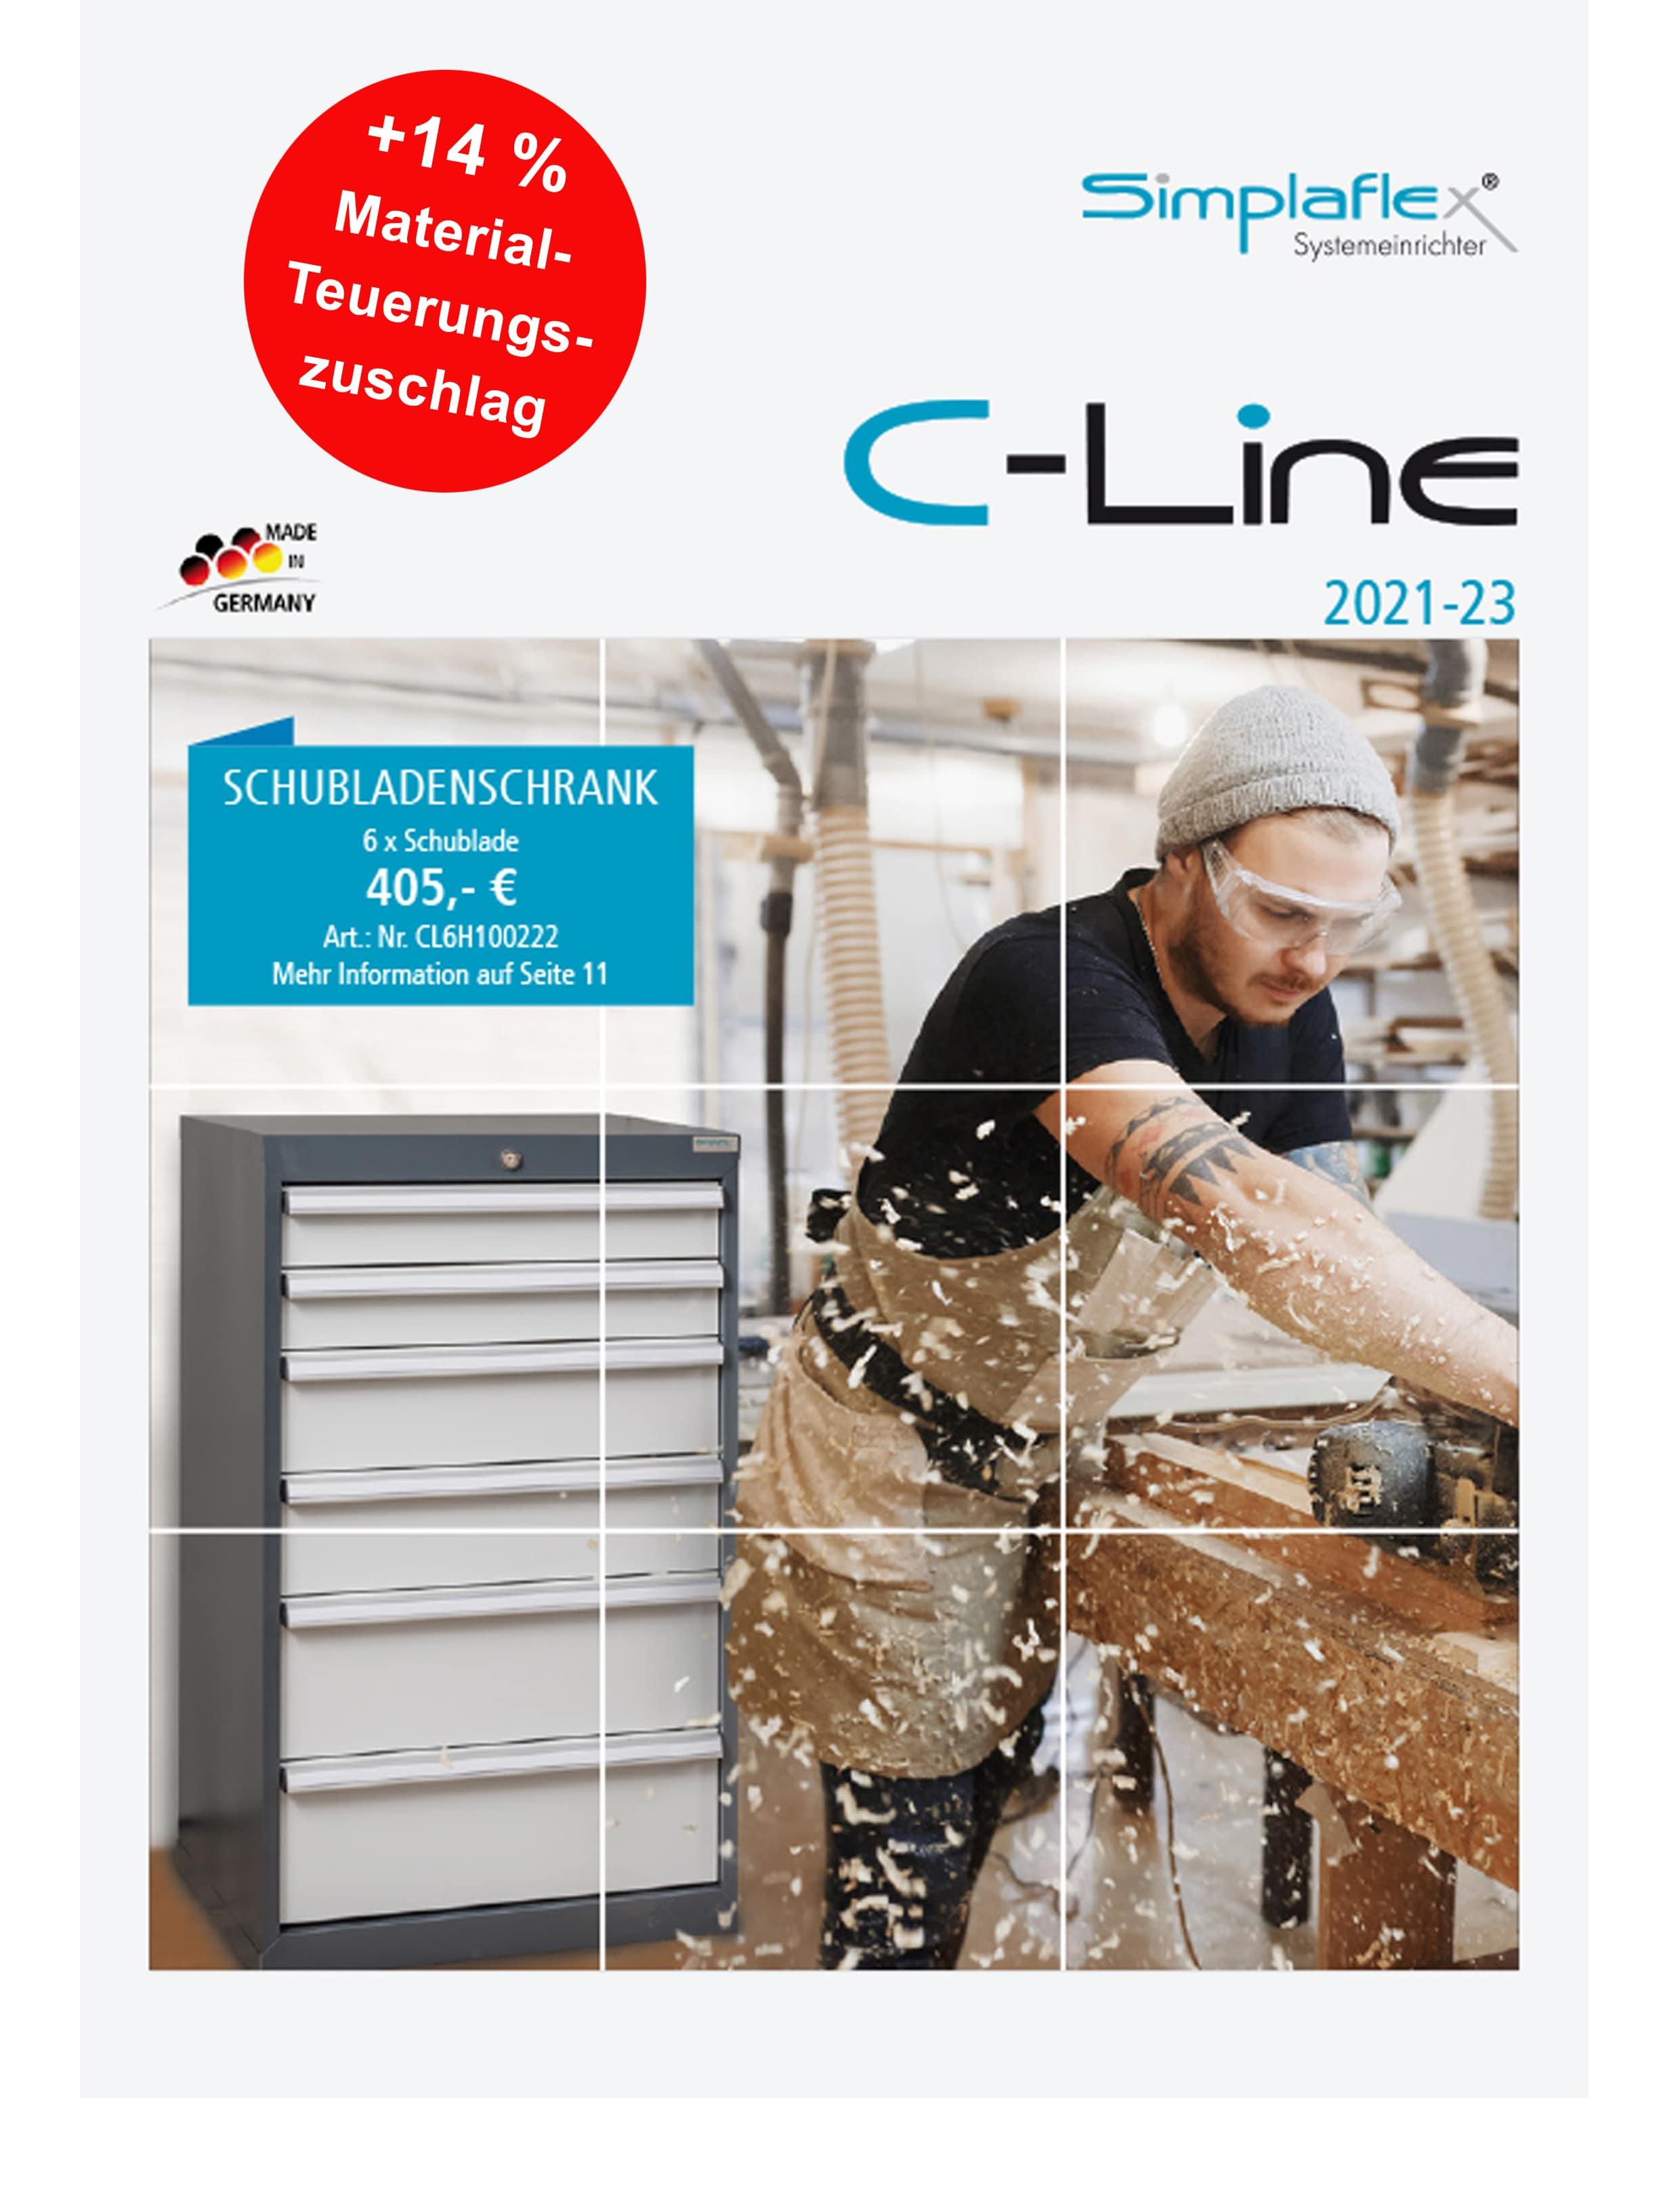 C-Line Simplaflex